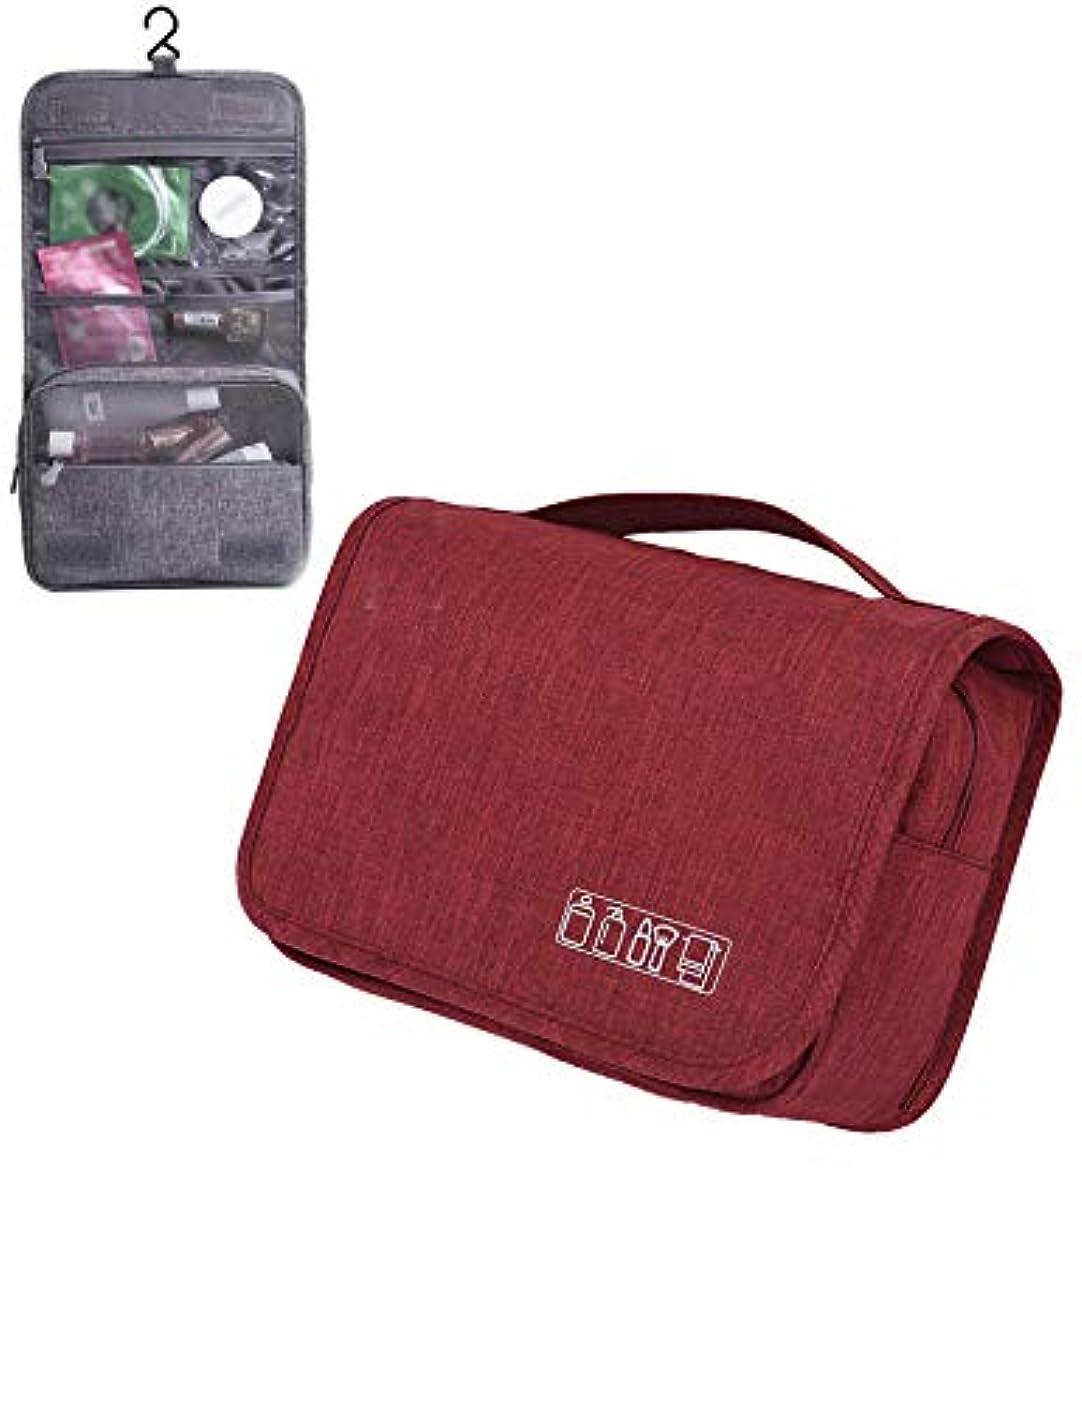 ラインリズム器官ウォッシュバッグ 化粧品バッグ 旅行用収納バッグ フック付き携帯用折りたたみ収納袋 大容量 旅行?出張?家庭用